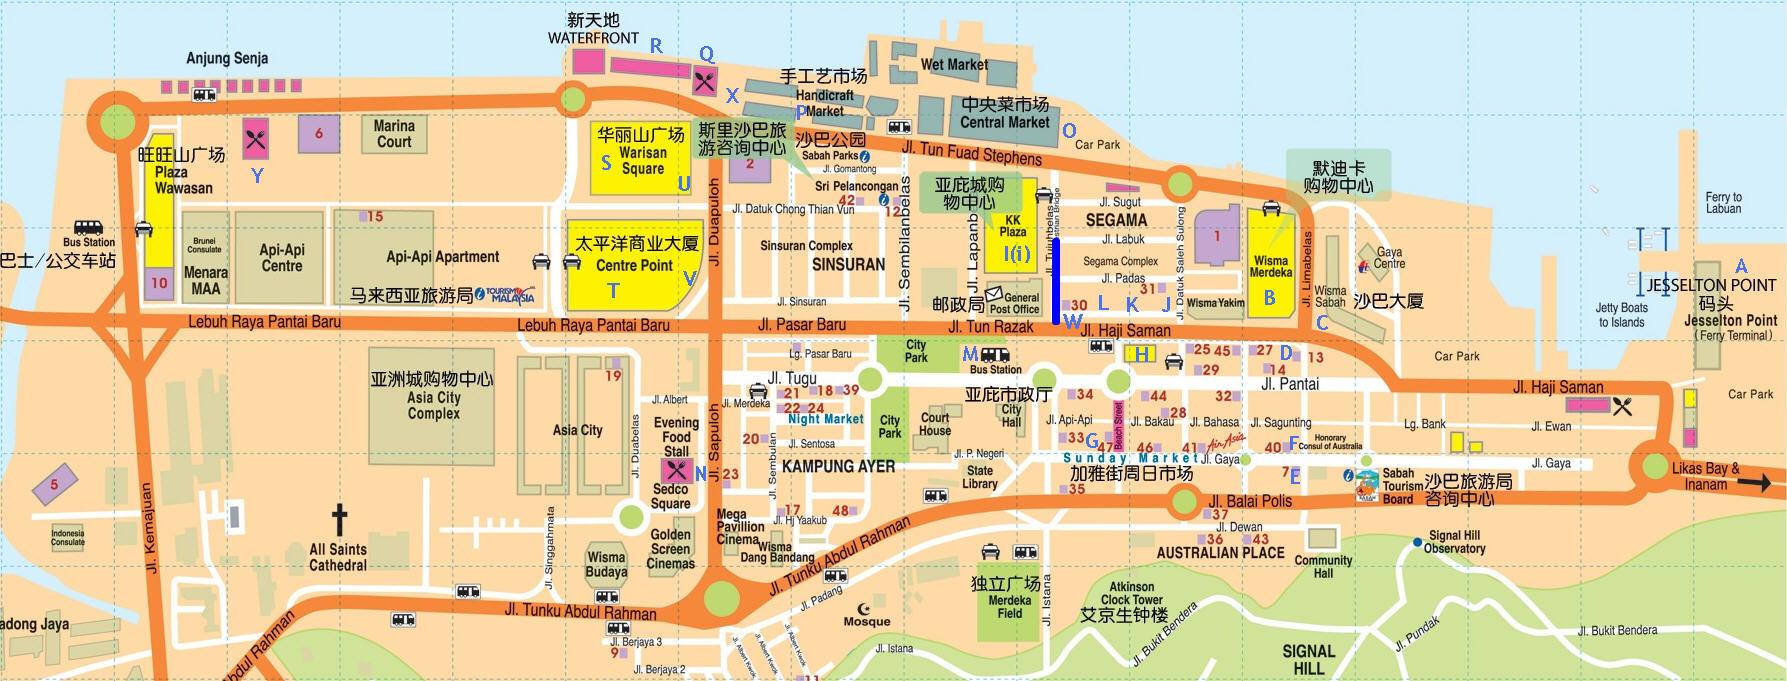 沙巴市区中英文地图,附美食和购物点攻略)